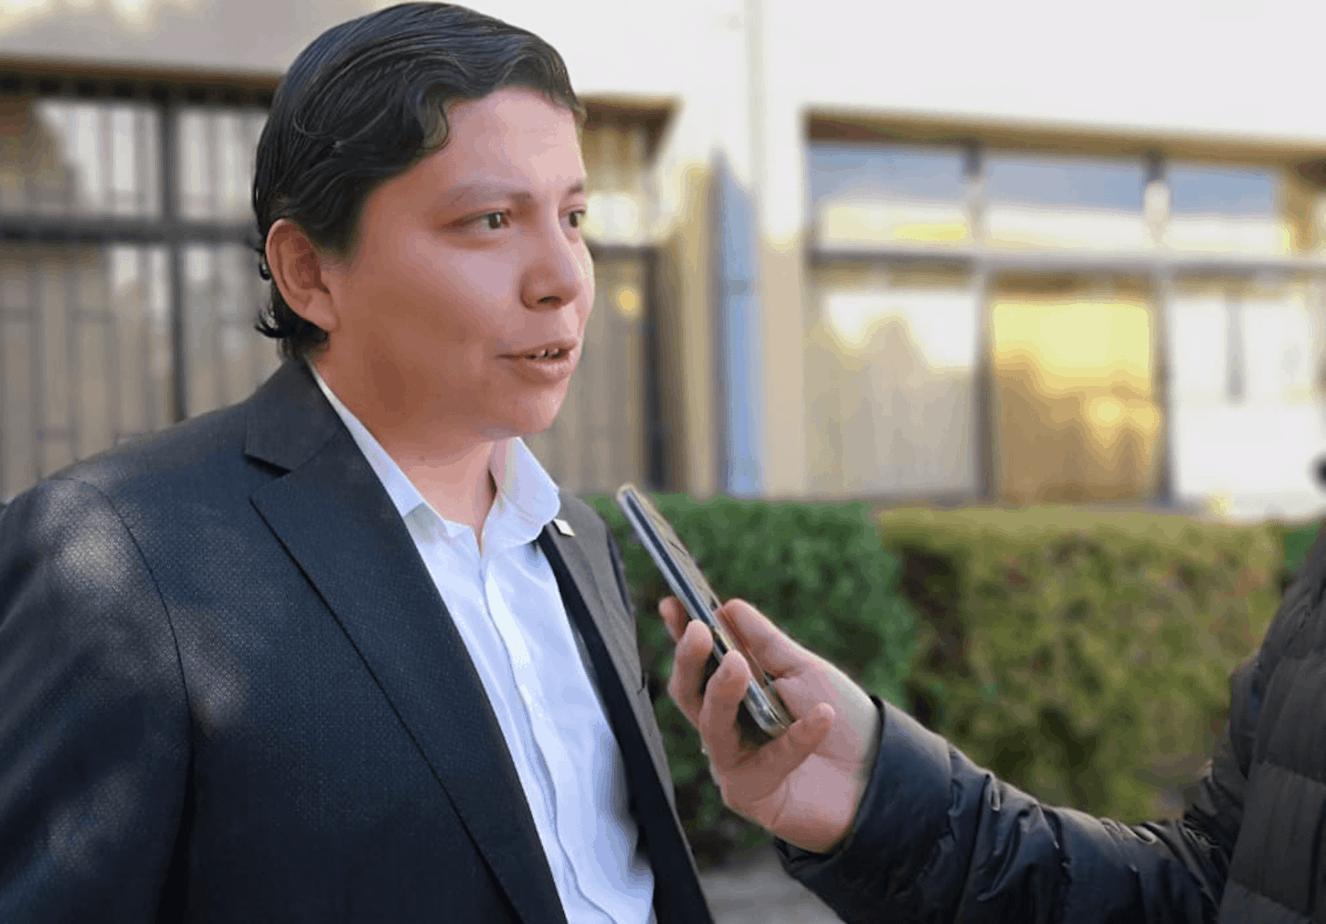 Gobernador y eventual postulación a alcalde por Los Ángeles: «no descarto ser candidato»